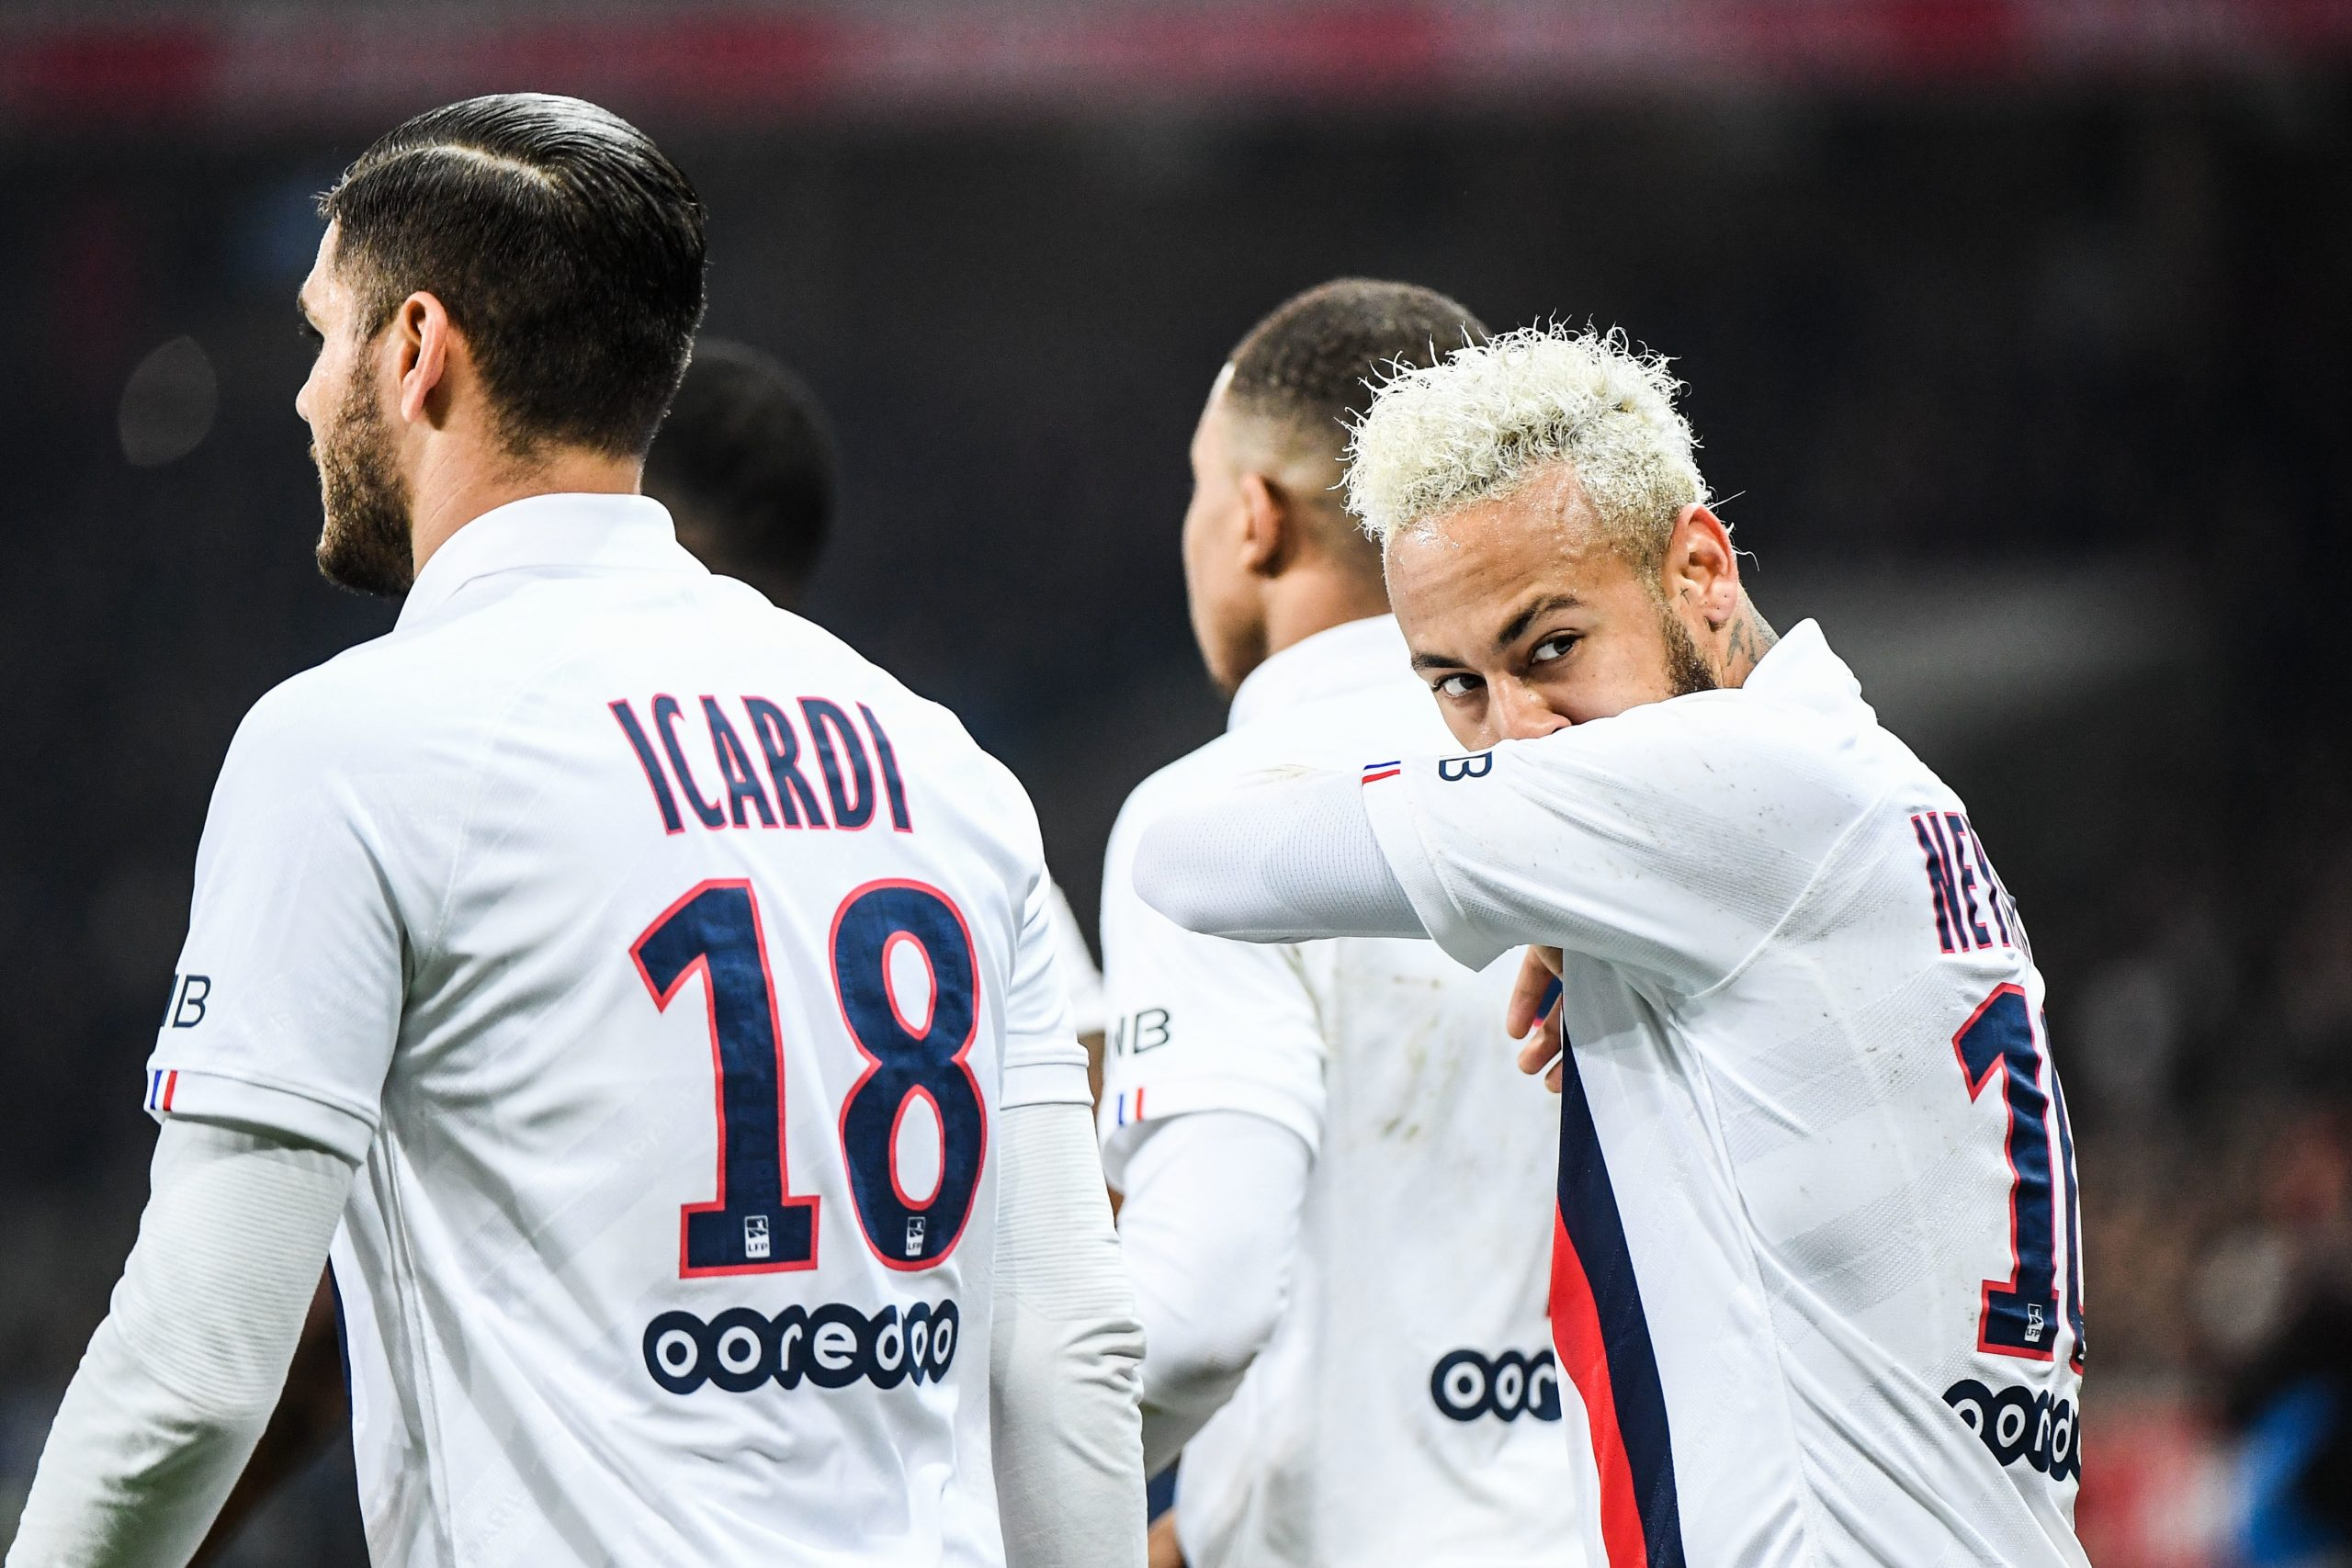 Ligue 1 - 1 seul joueur du PSG dans l'équipe-type de la 21e journée de L'Equipe